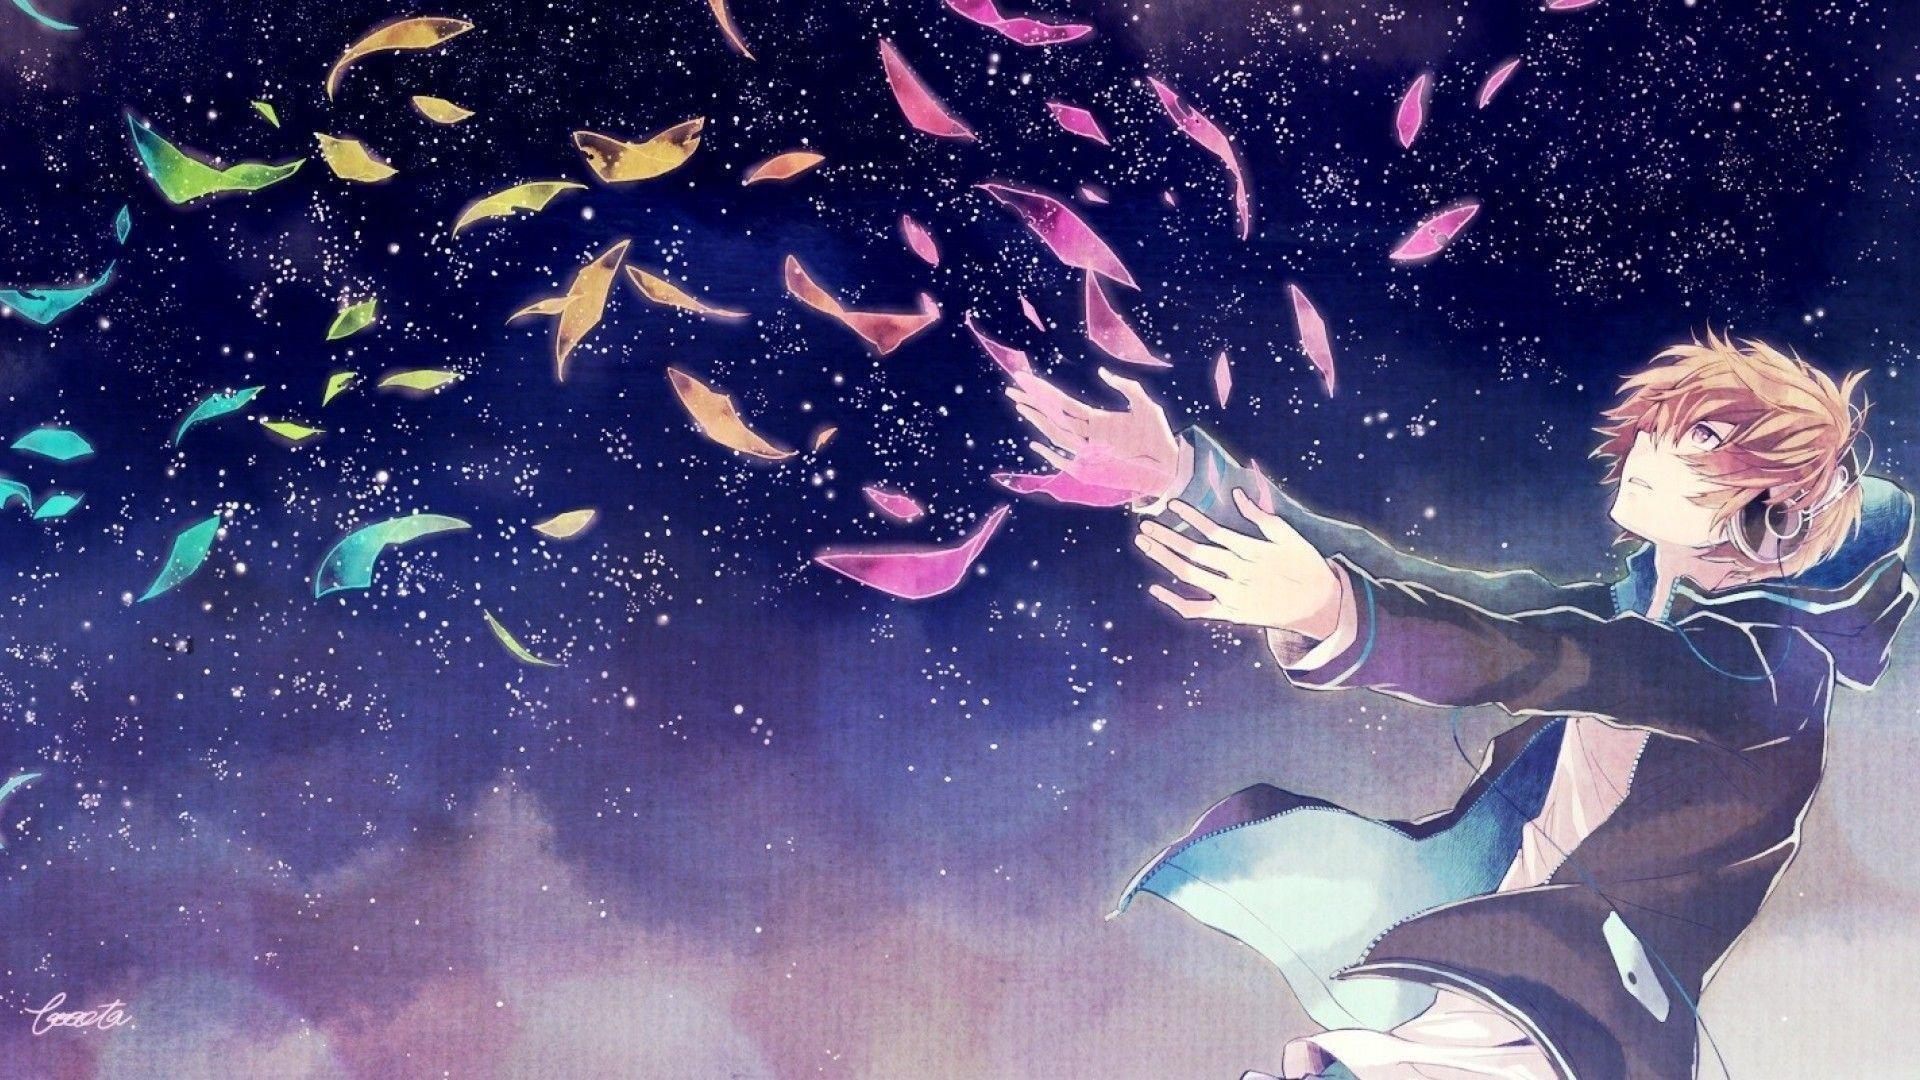 Anime Boy Desktop Wallpapers Top Free Anime Boy Desktop